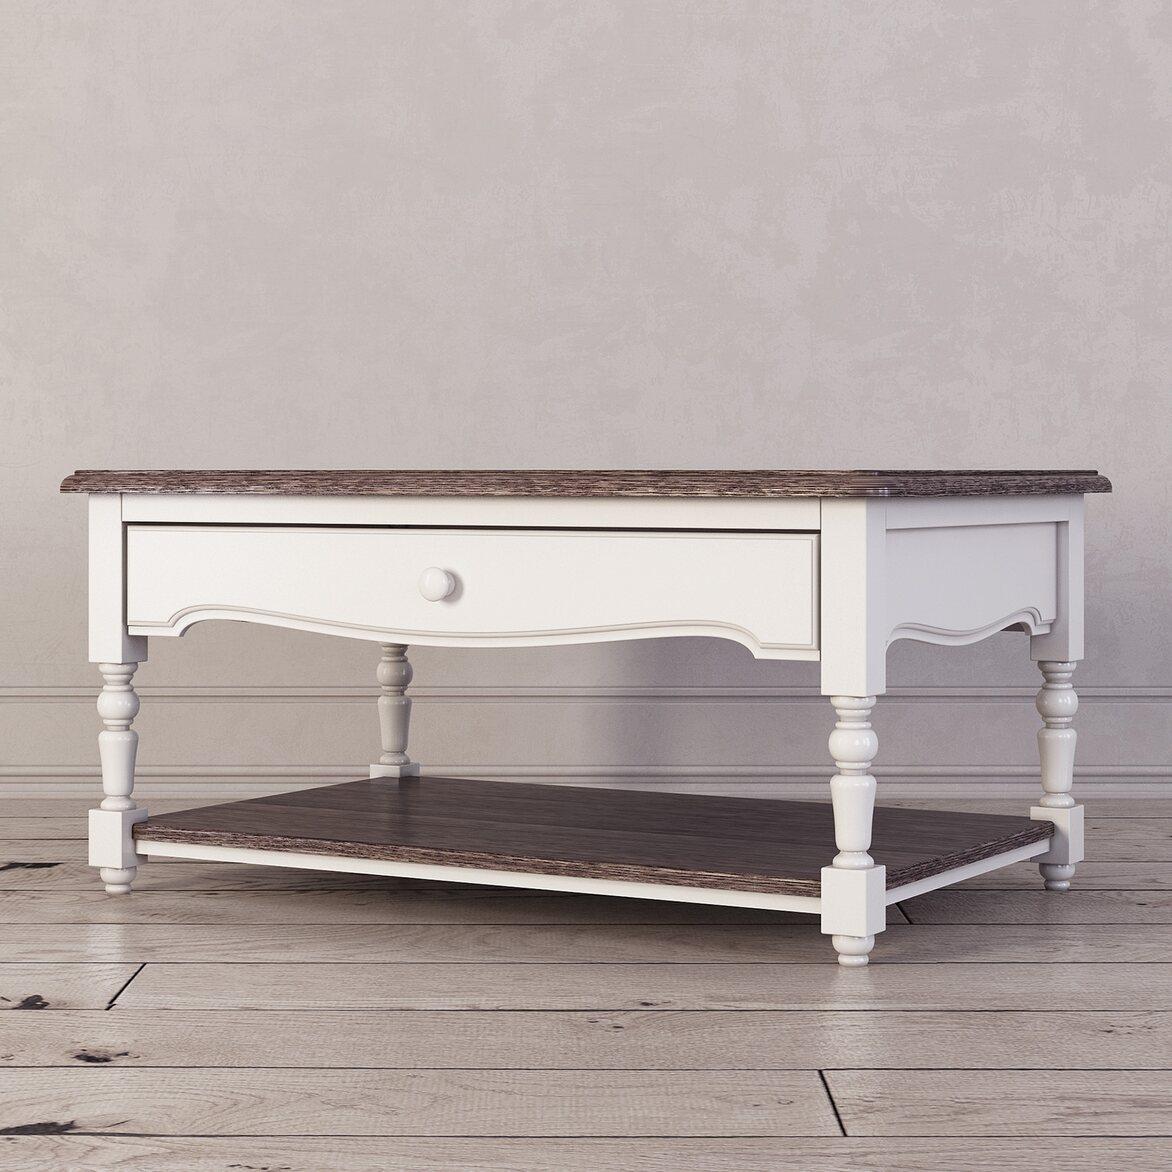 Журнальный столик Leblanc, белый 2 | Журнальные столики Kingsby